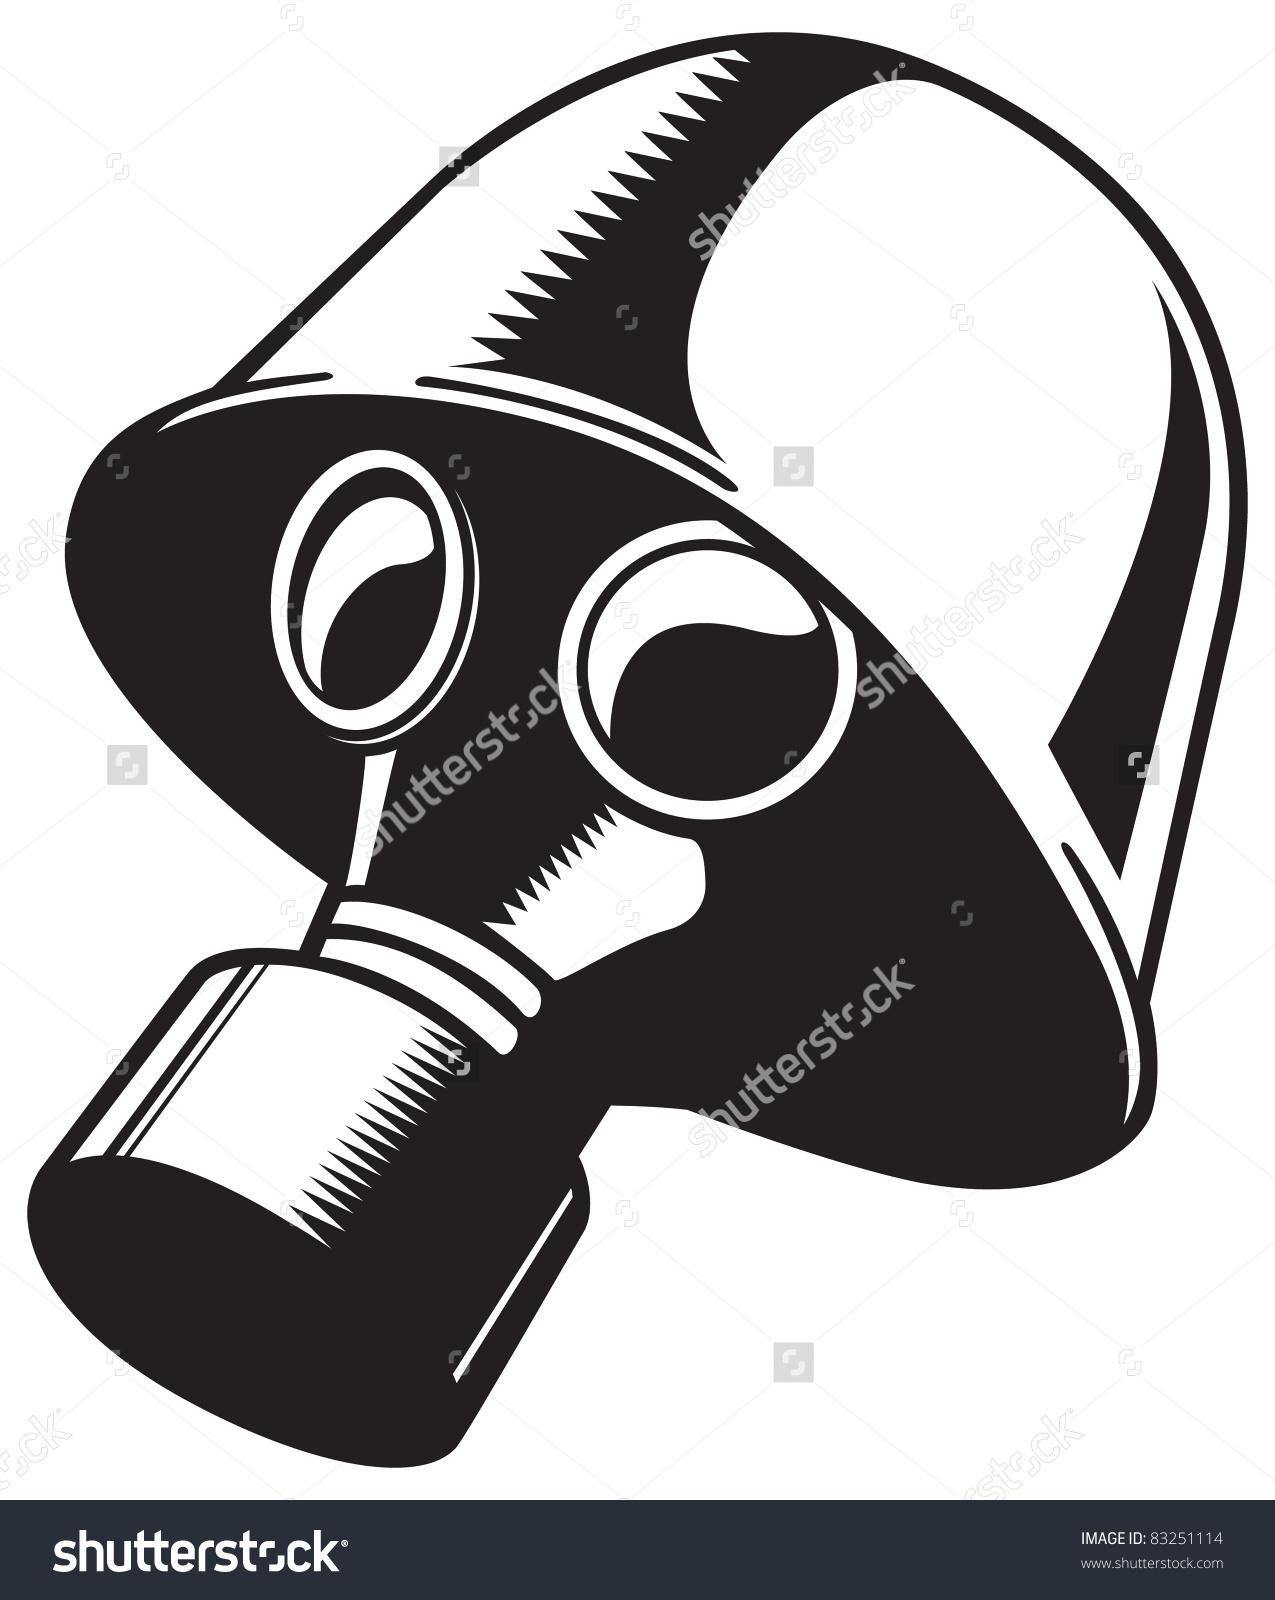 Gas Mask clipart ww1 Glycerin on such as soda